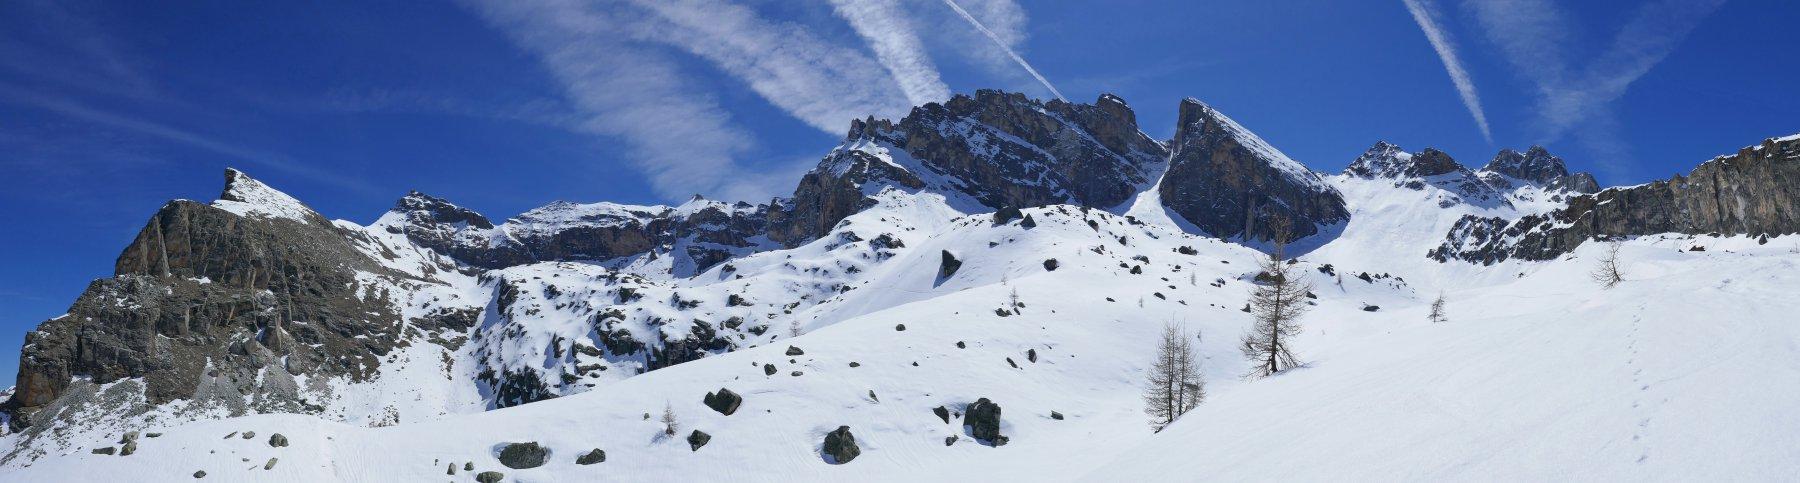 Scendendo nel vallone Camosciera bella vista dal Pelvo d'Elva alla Marchisa